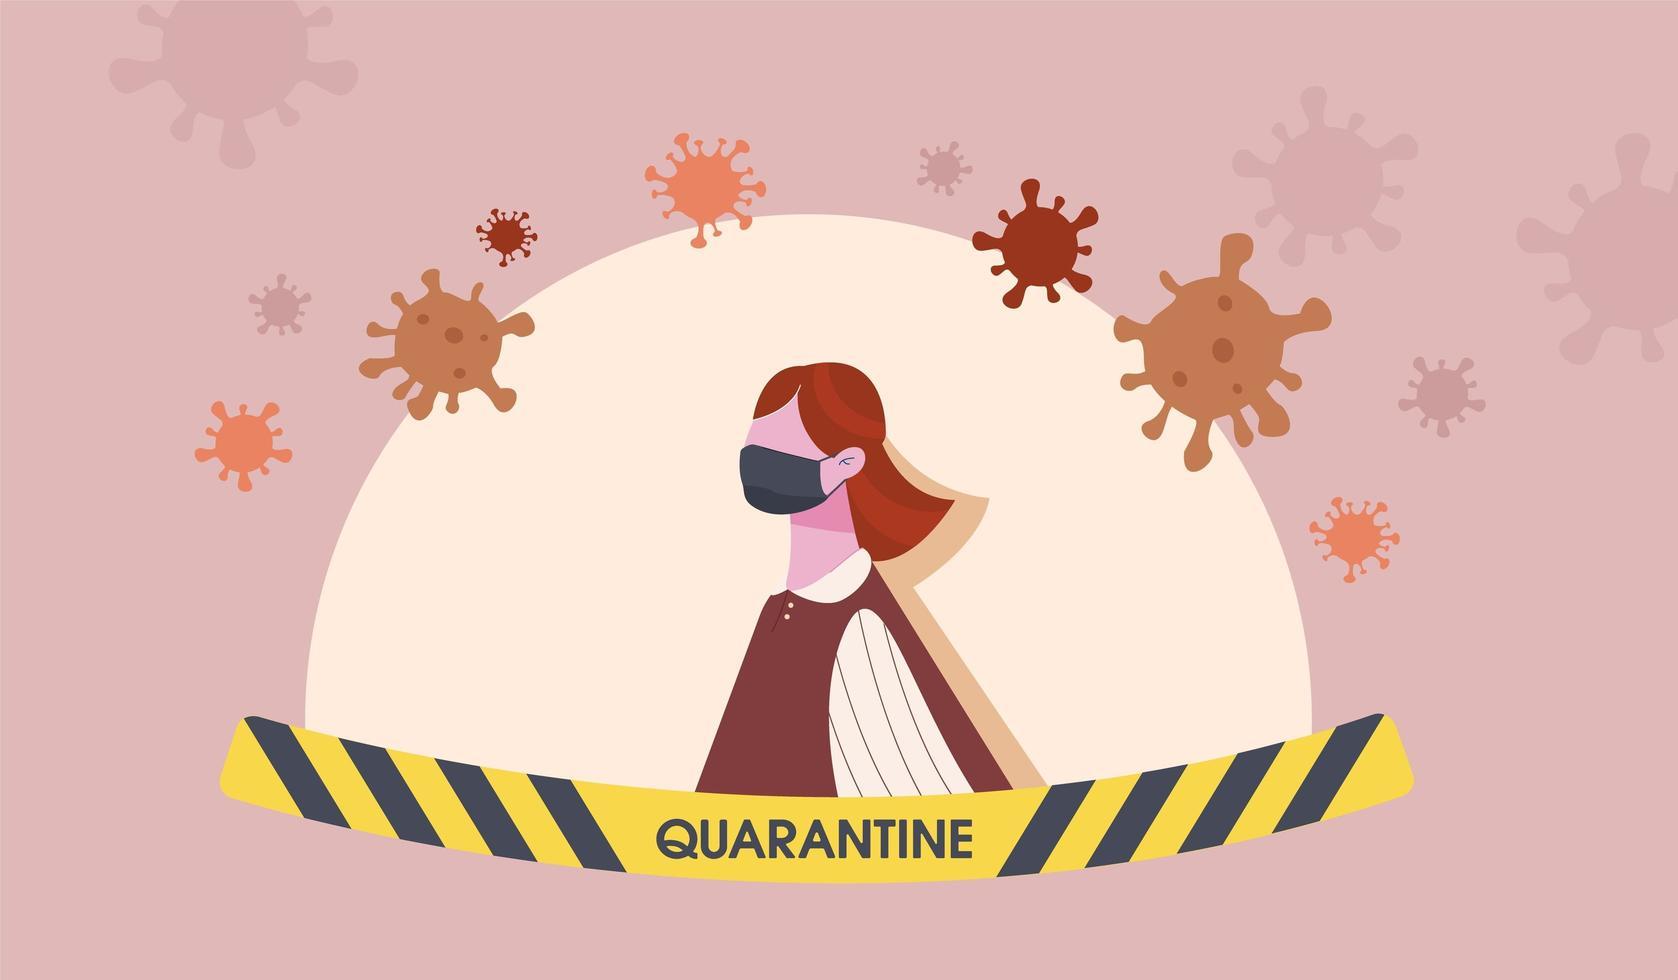 kvinnlig bär medicinsk mask omgiven av virus vektor